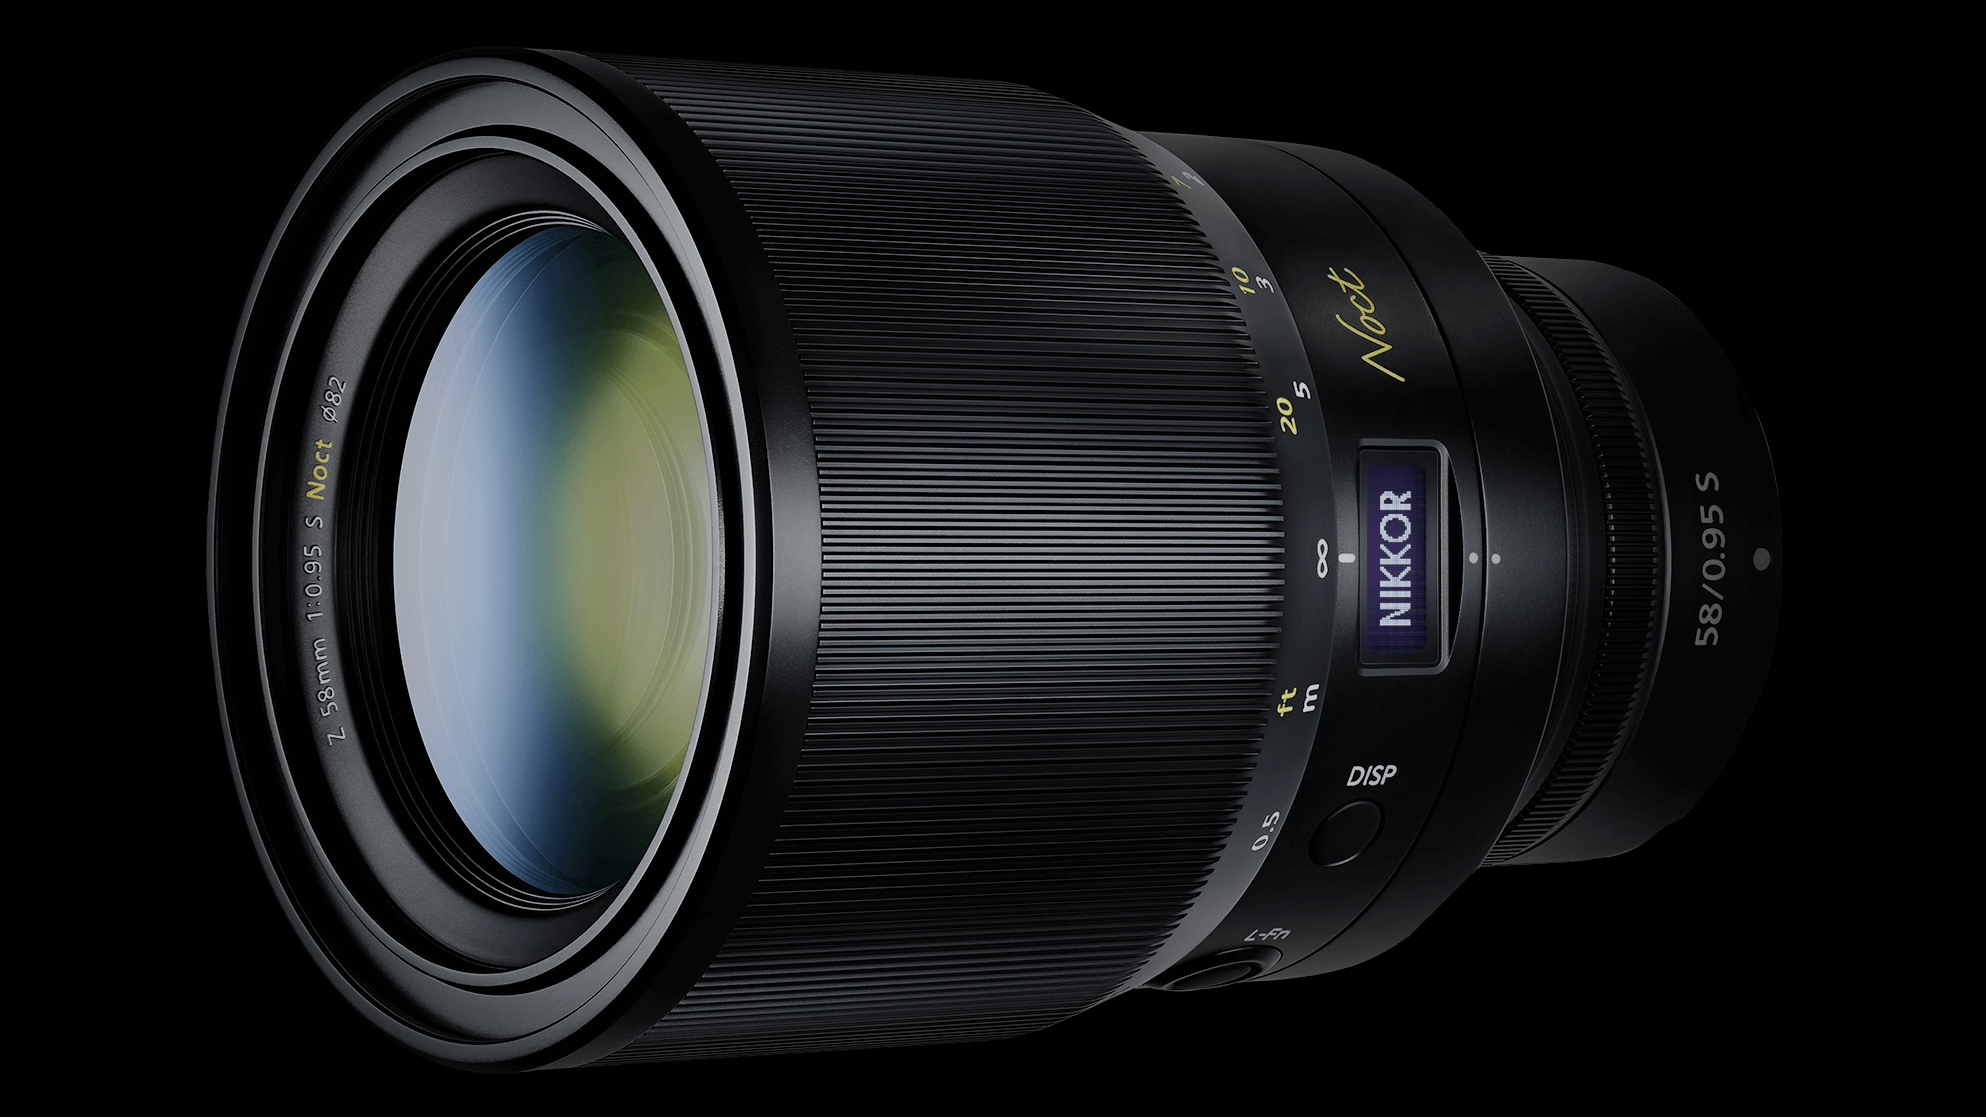 Nikon goes 8K…with the $7,997 Nikkor Z 58mm f/0.95 S Noct lens   Digital Camera World